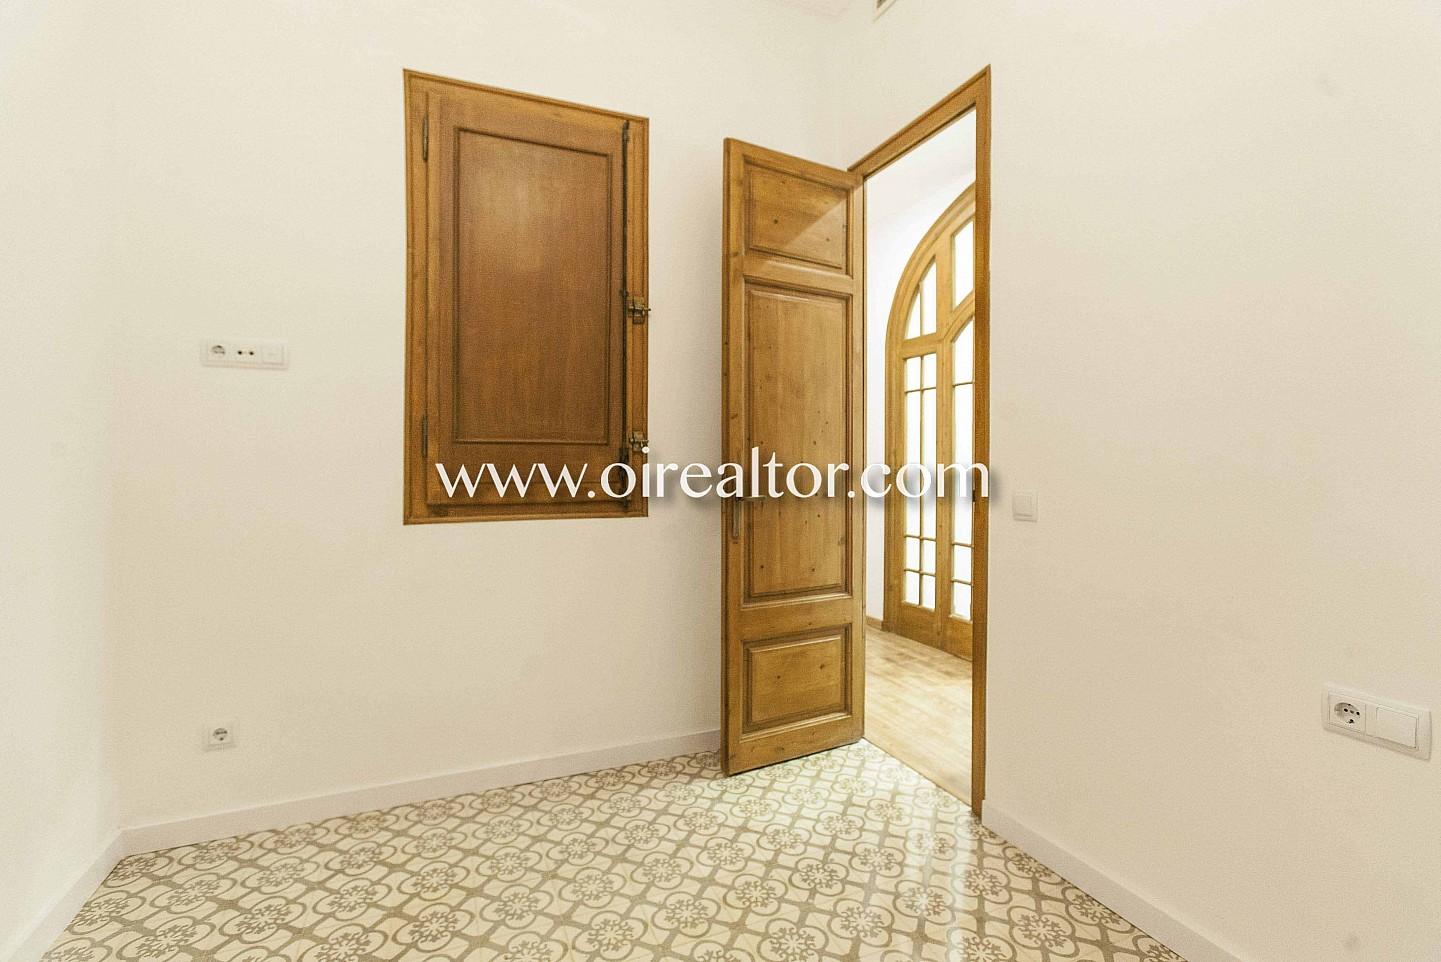 habitación, suelo de mosaico, mosaico, puerta, modernista, suelo modernista